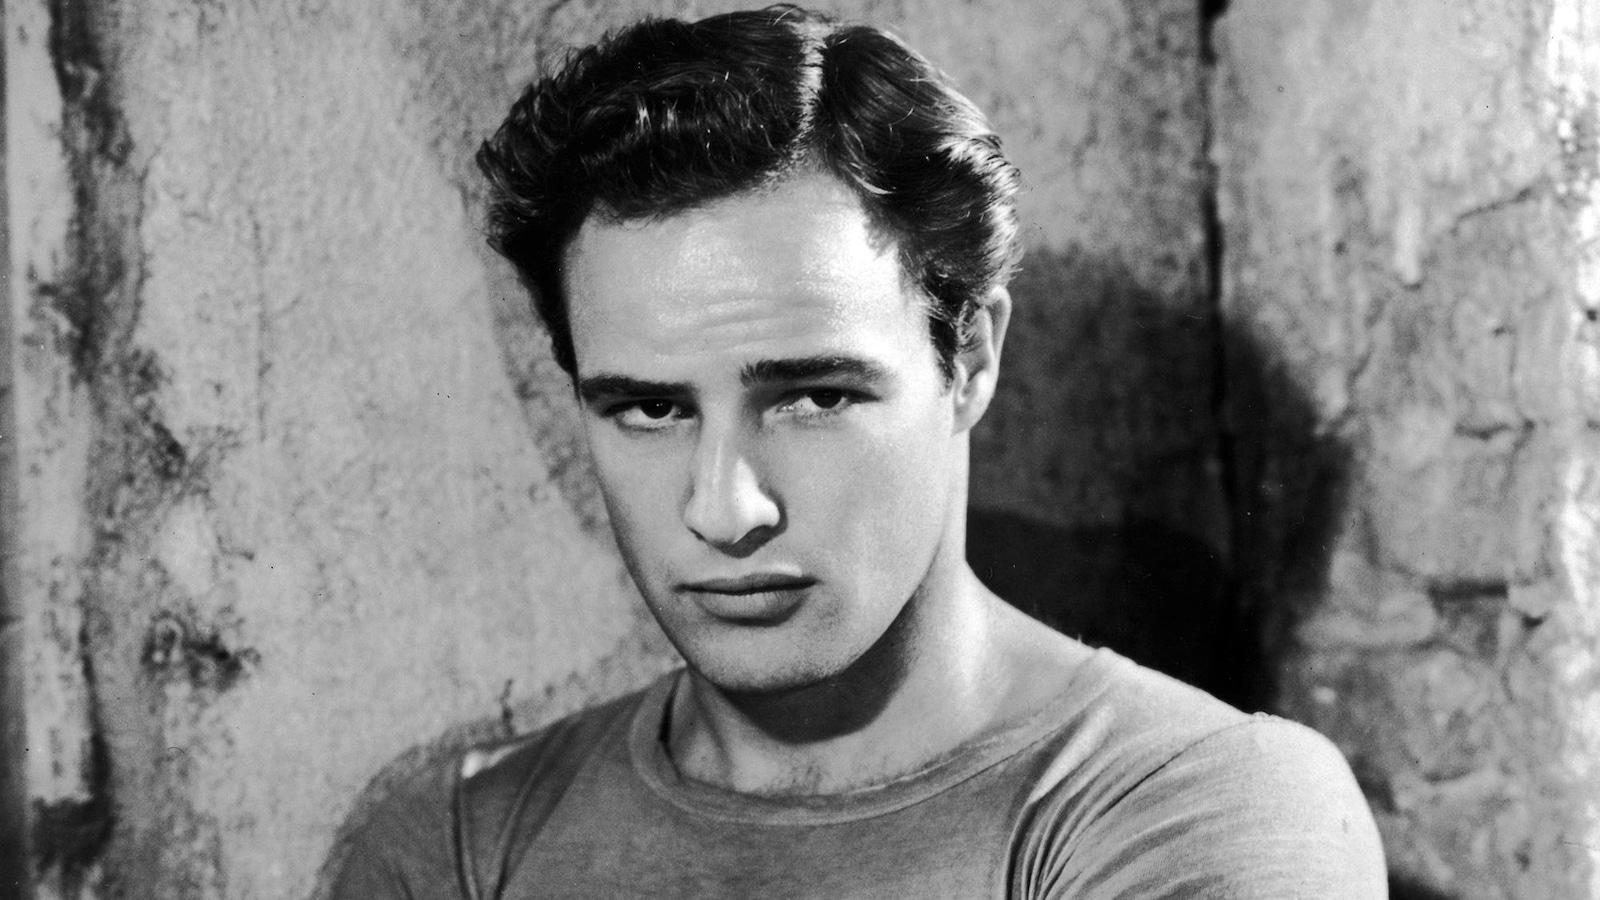 Photo en noir et blanc d'un homme qui regarde la caméra les bras croisés.